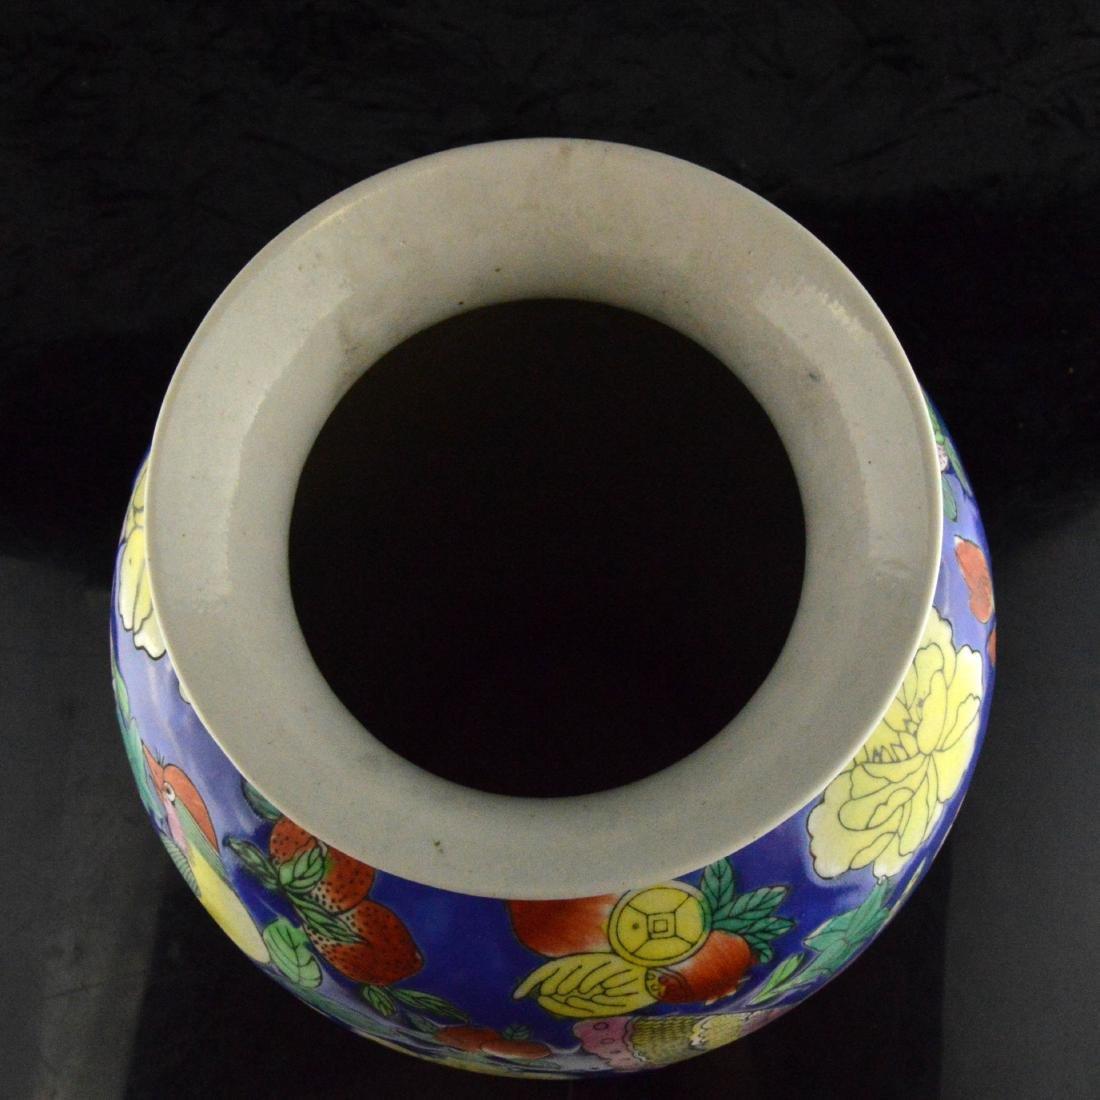 Fencai Porcelain Floral Vase - 4